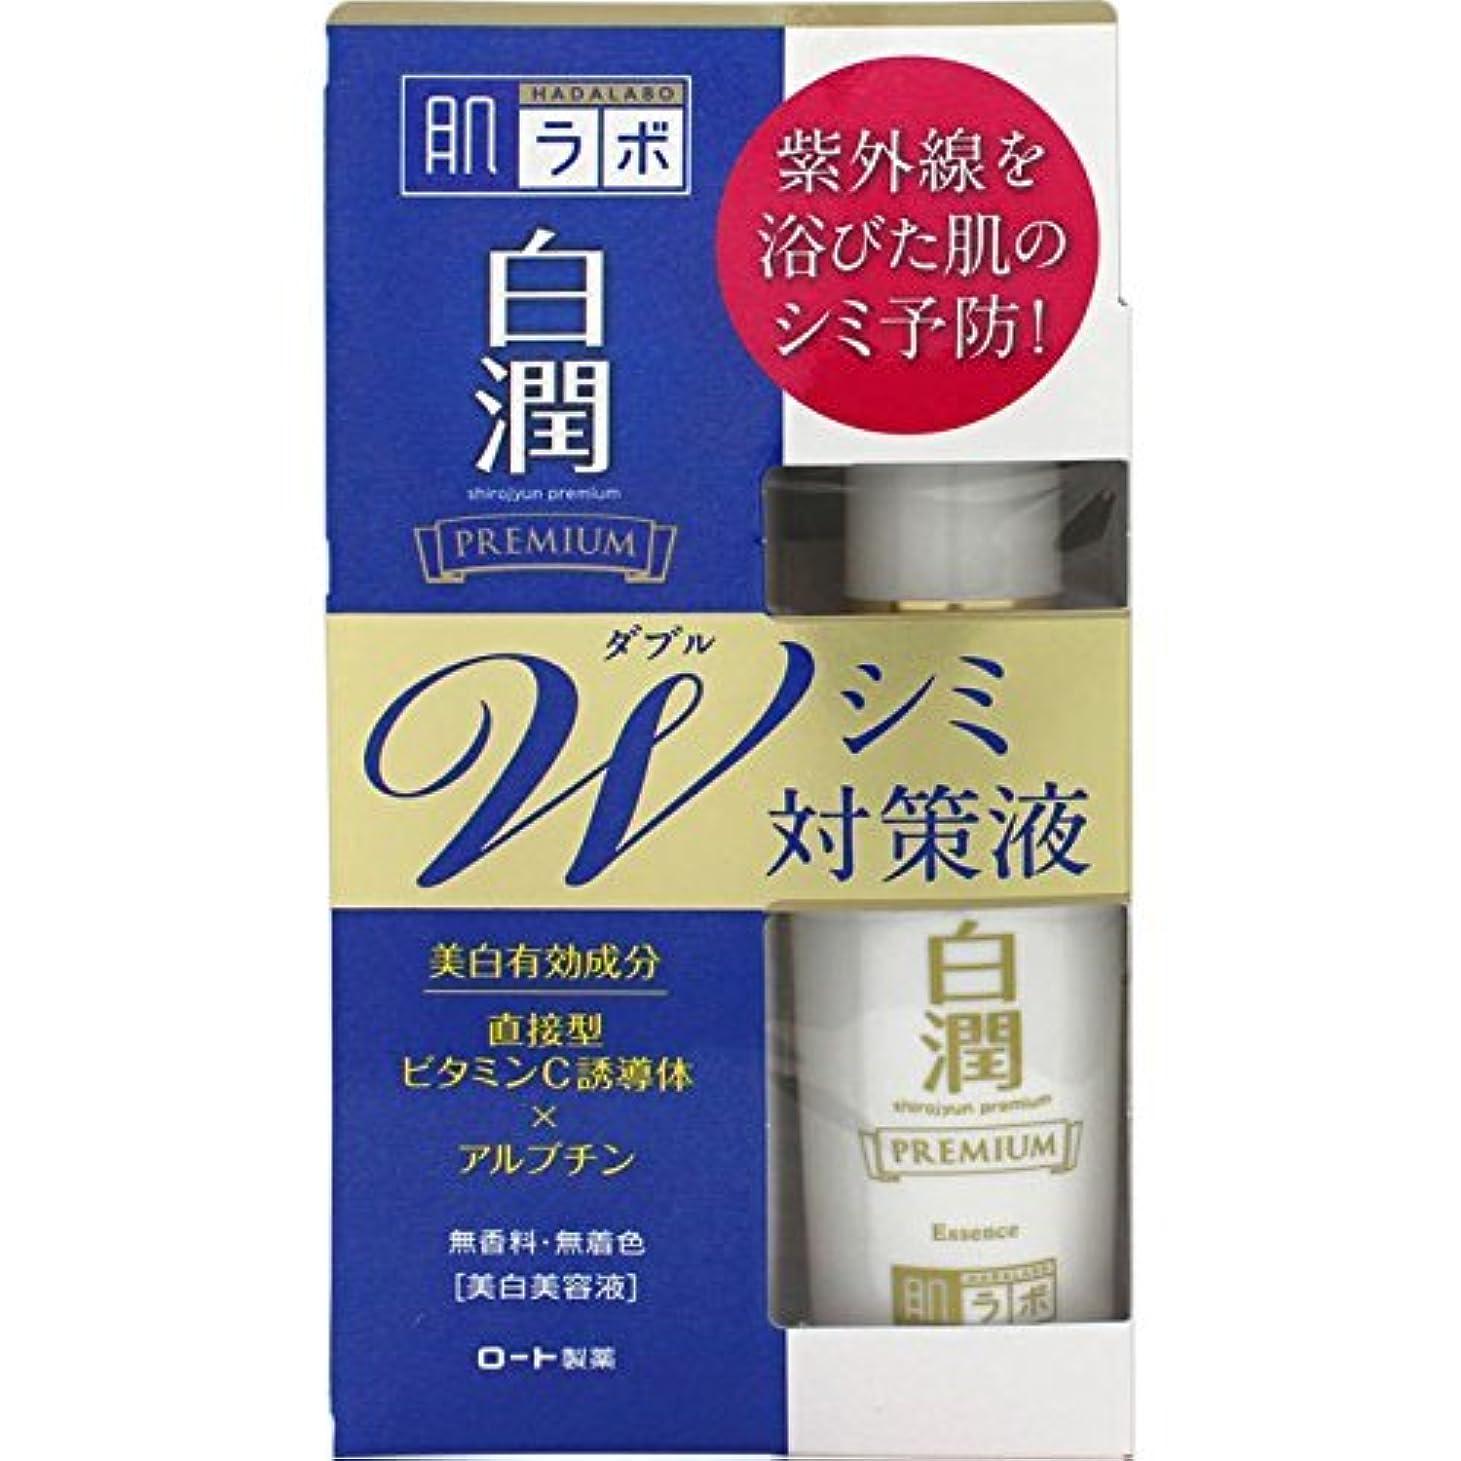 ディスパッチ姓スロベニア肌ラボ 白潤 プレミアムW美白美容液 40mL (医薬部外品)×9